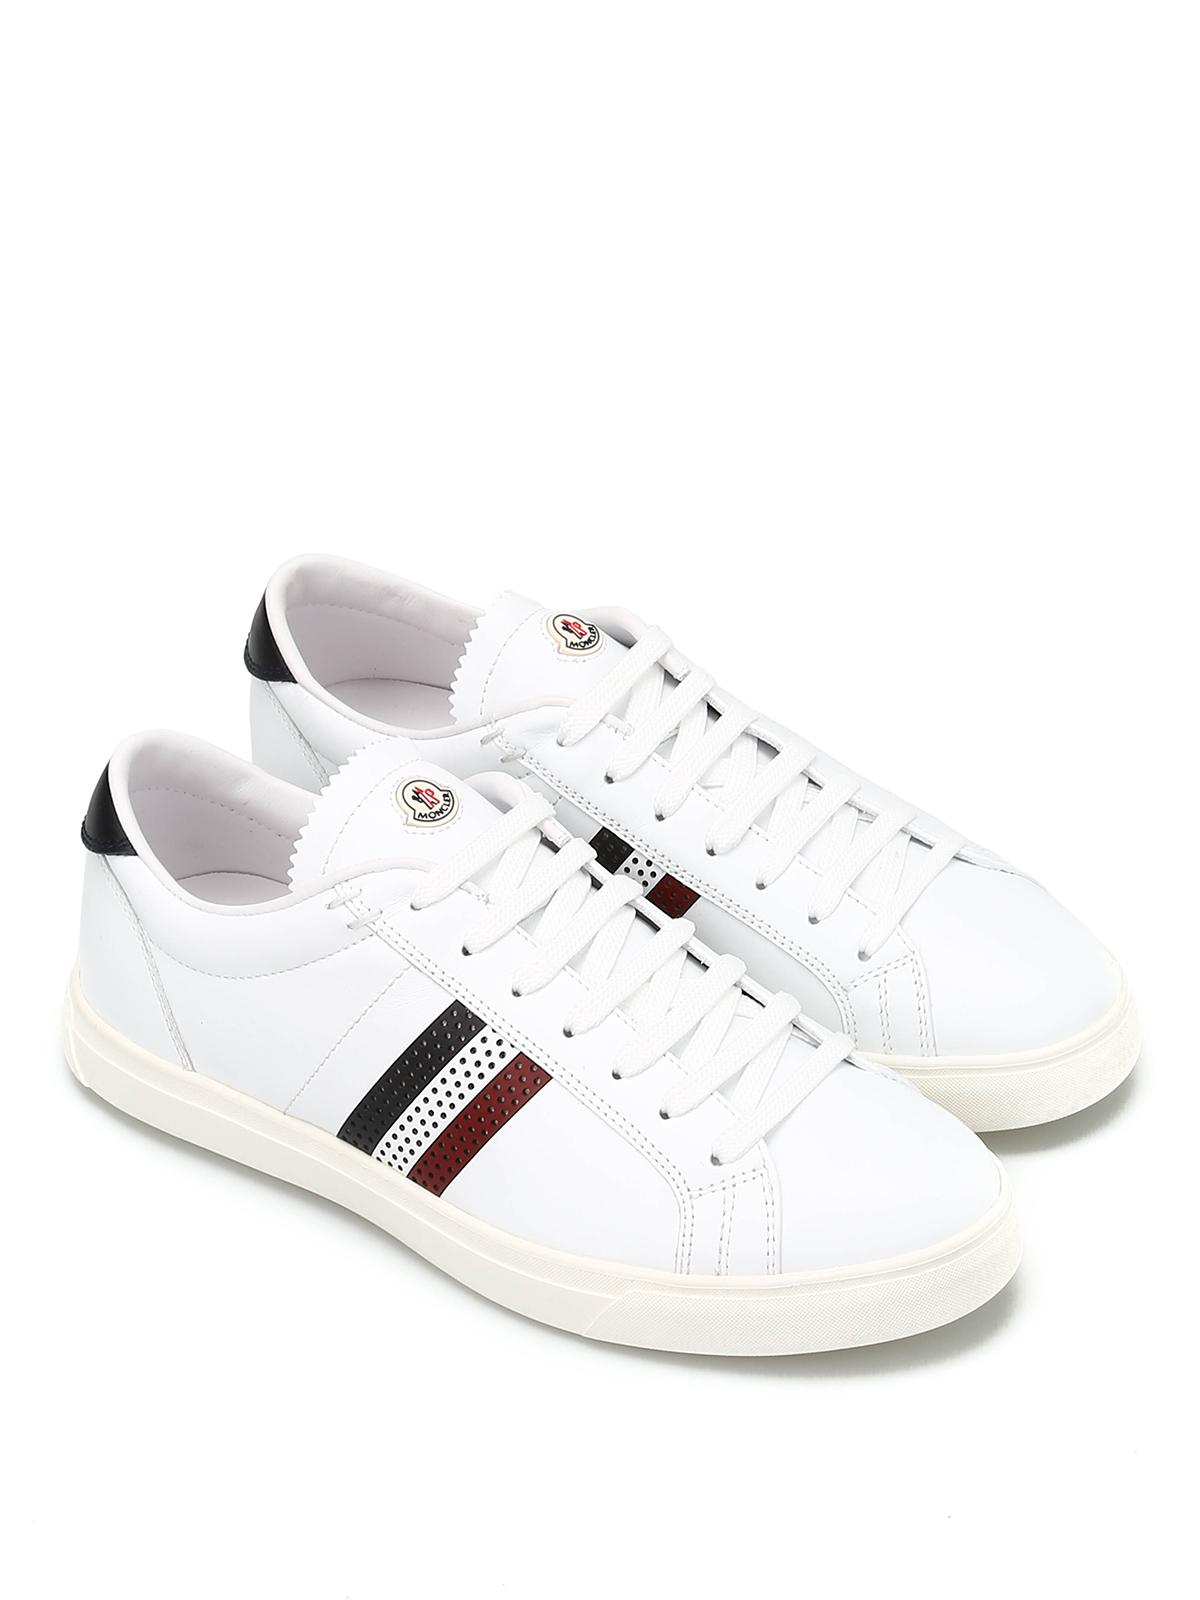 La Monaco sneakers by Moncler